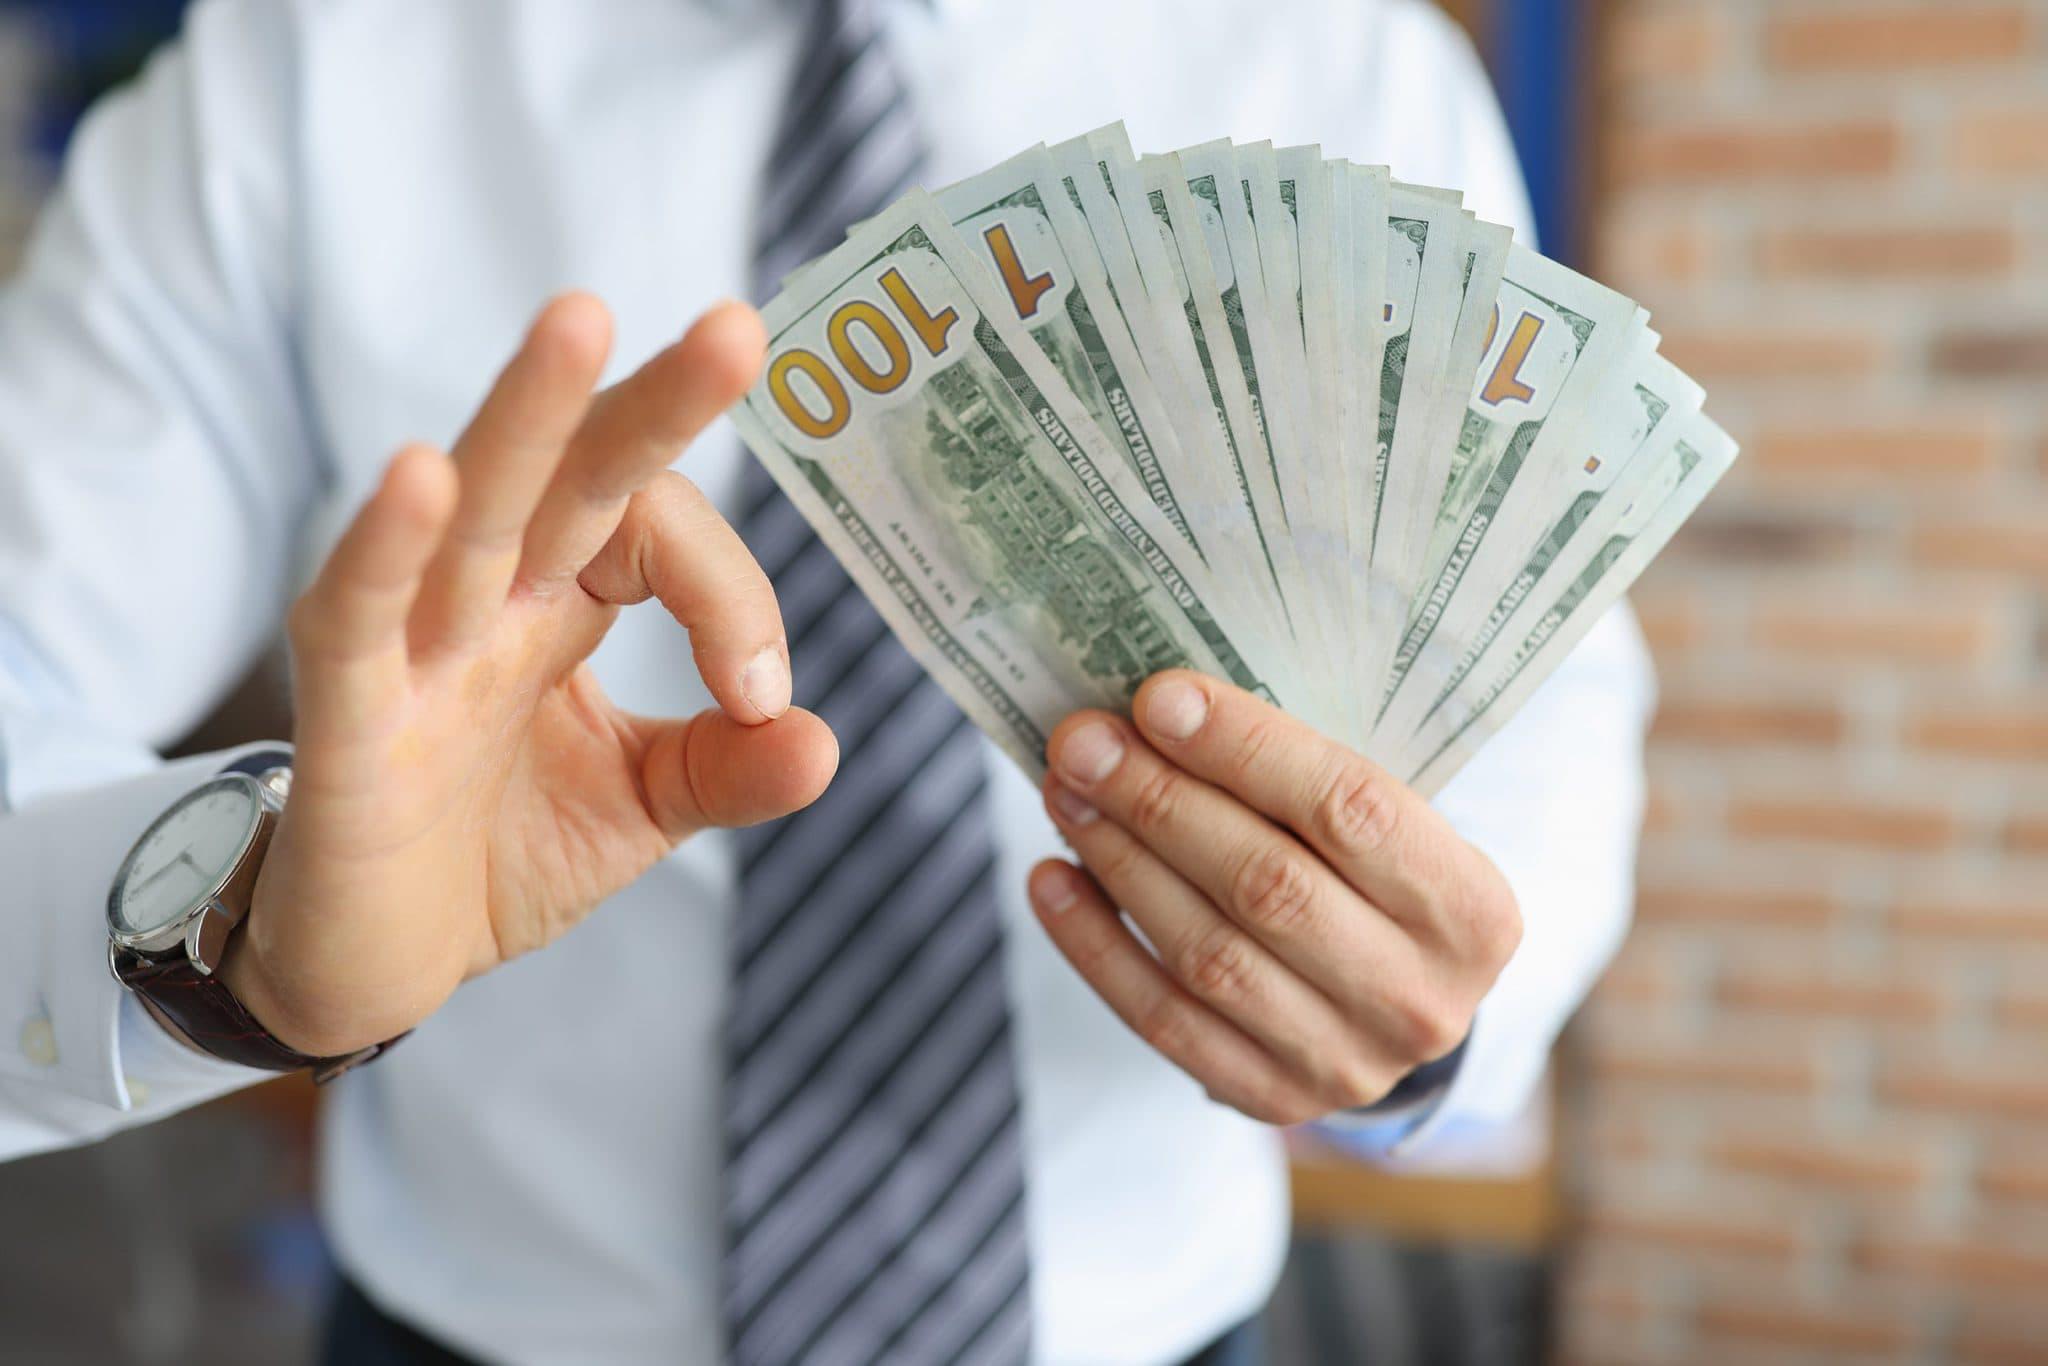 Trader quản lý rủi ro tốt sẽ kiếm được tiền trong thị trường đừng giao dịch Forex bừa bãi